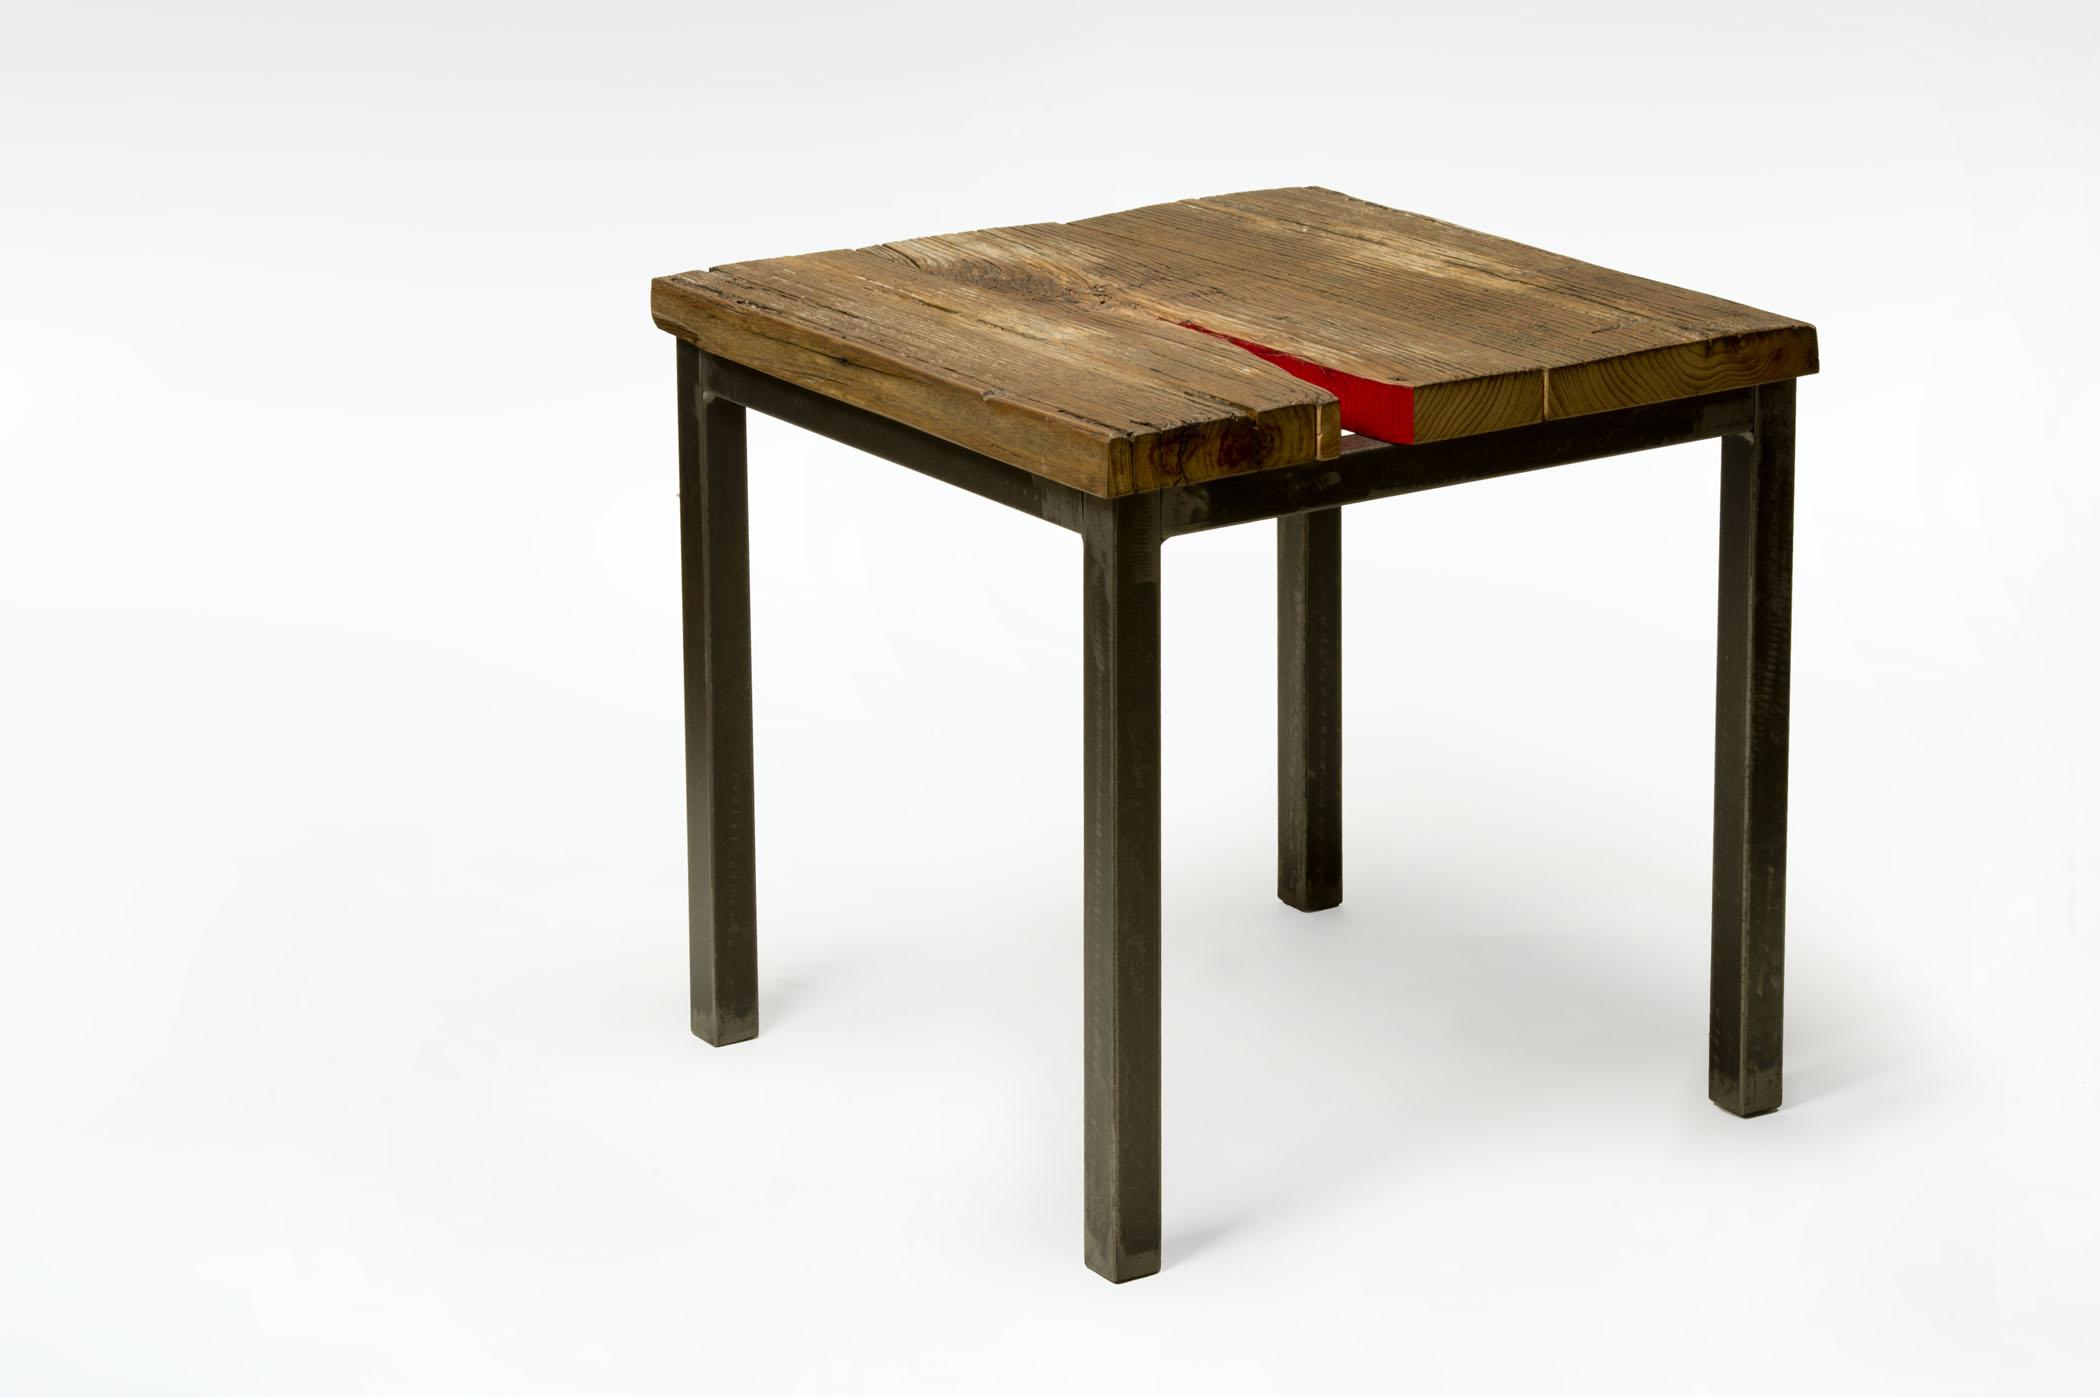 Tavolo basso soggiorno con assi di legno riciclato